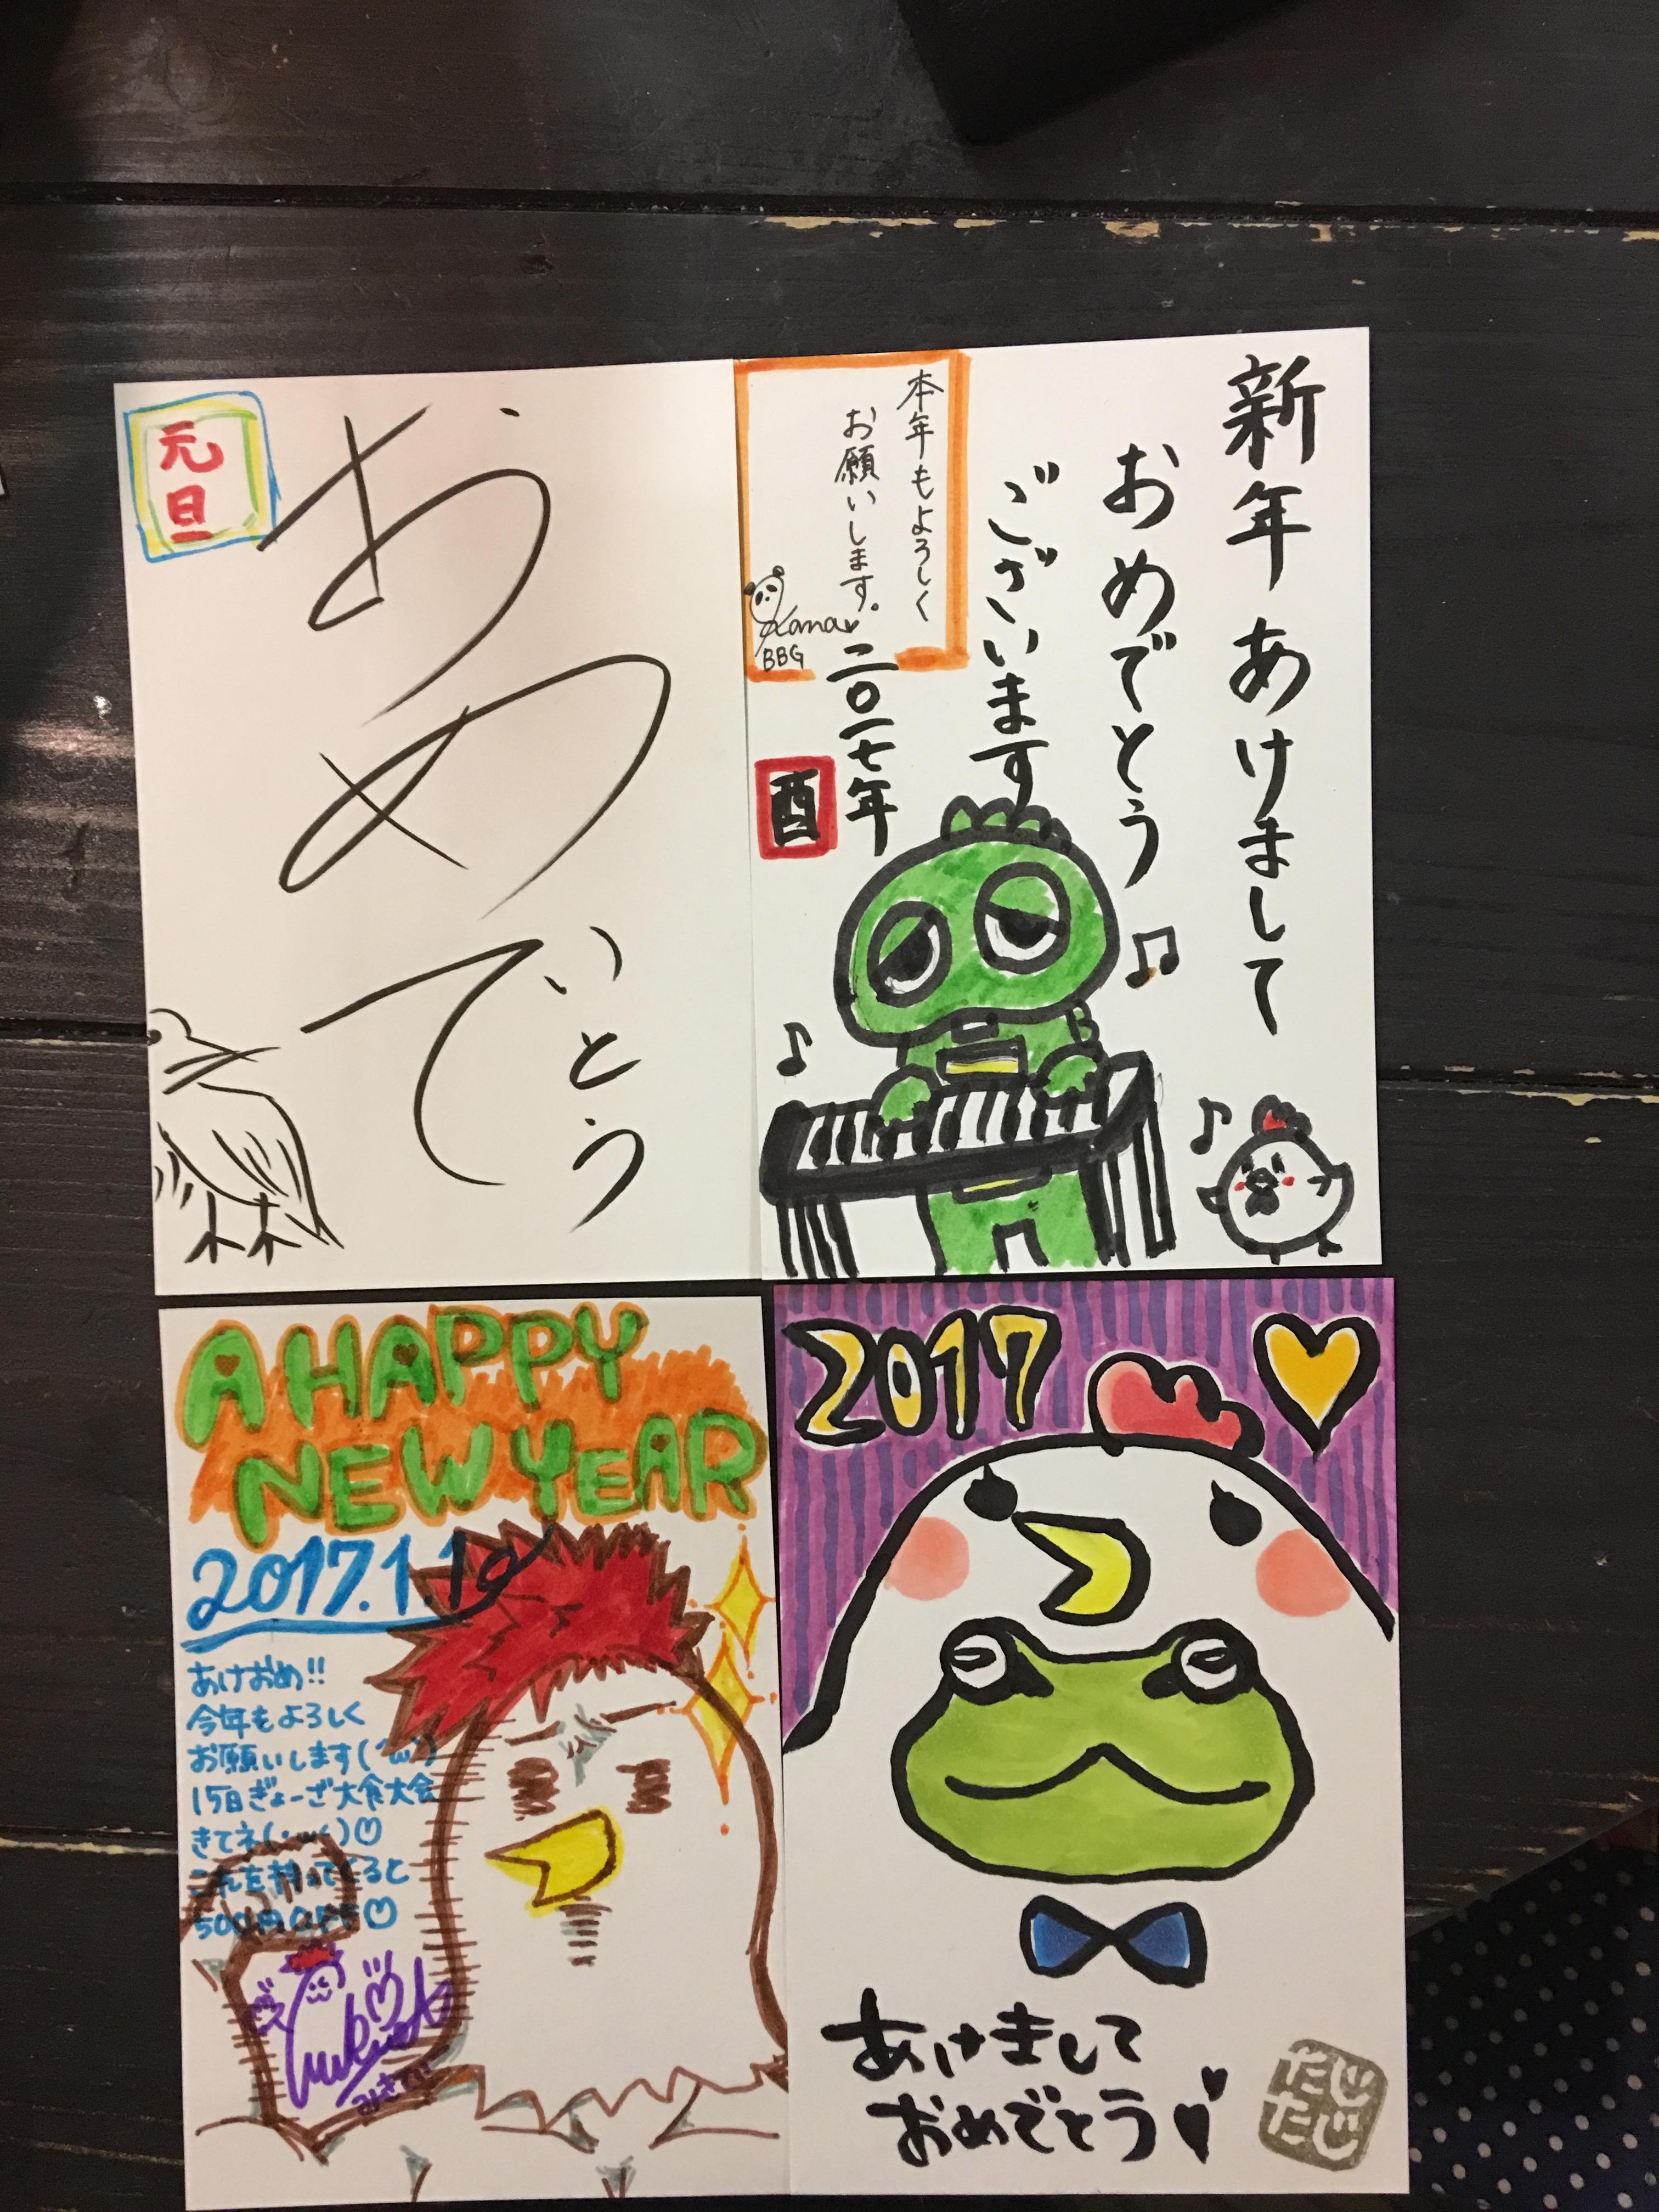 年賀状プレゼント企画!